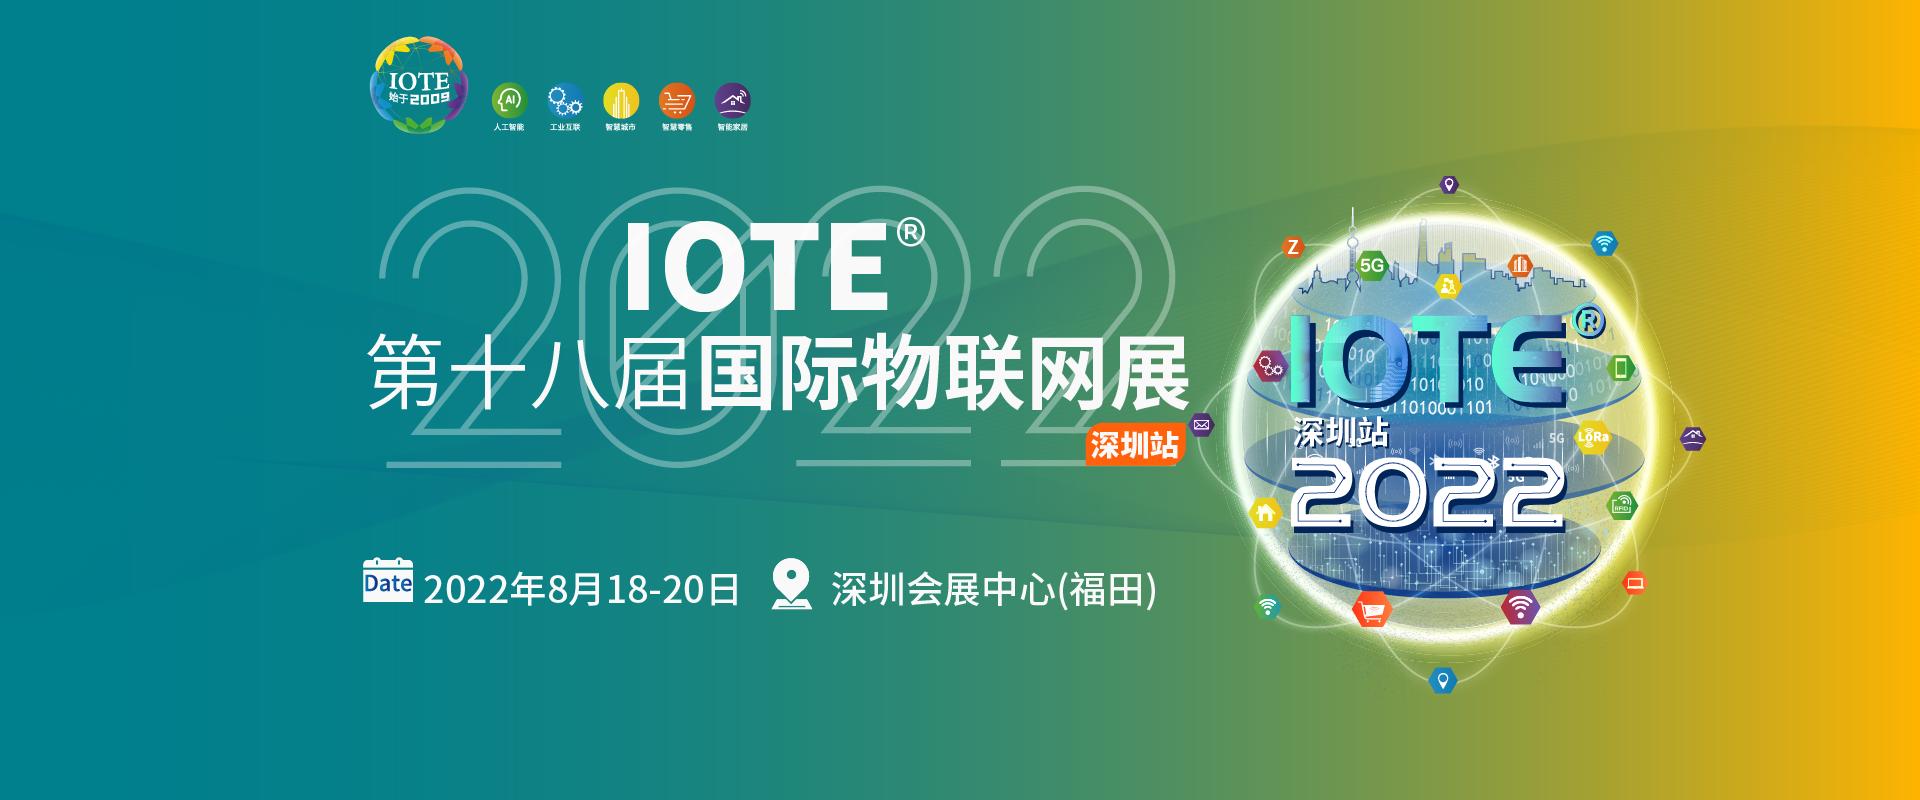 ENI|IOTE物联网展参观指南丨面对面对接最优秀的企业,听最前沿的会议!